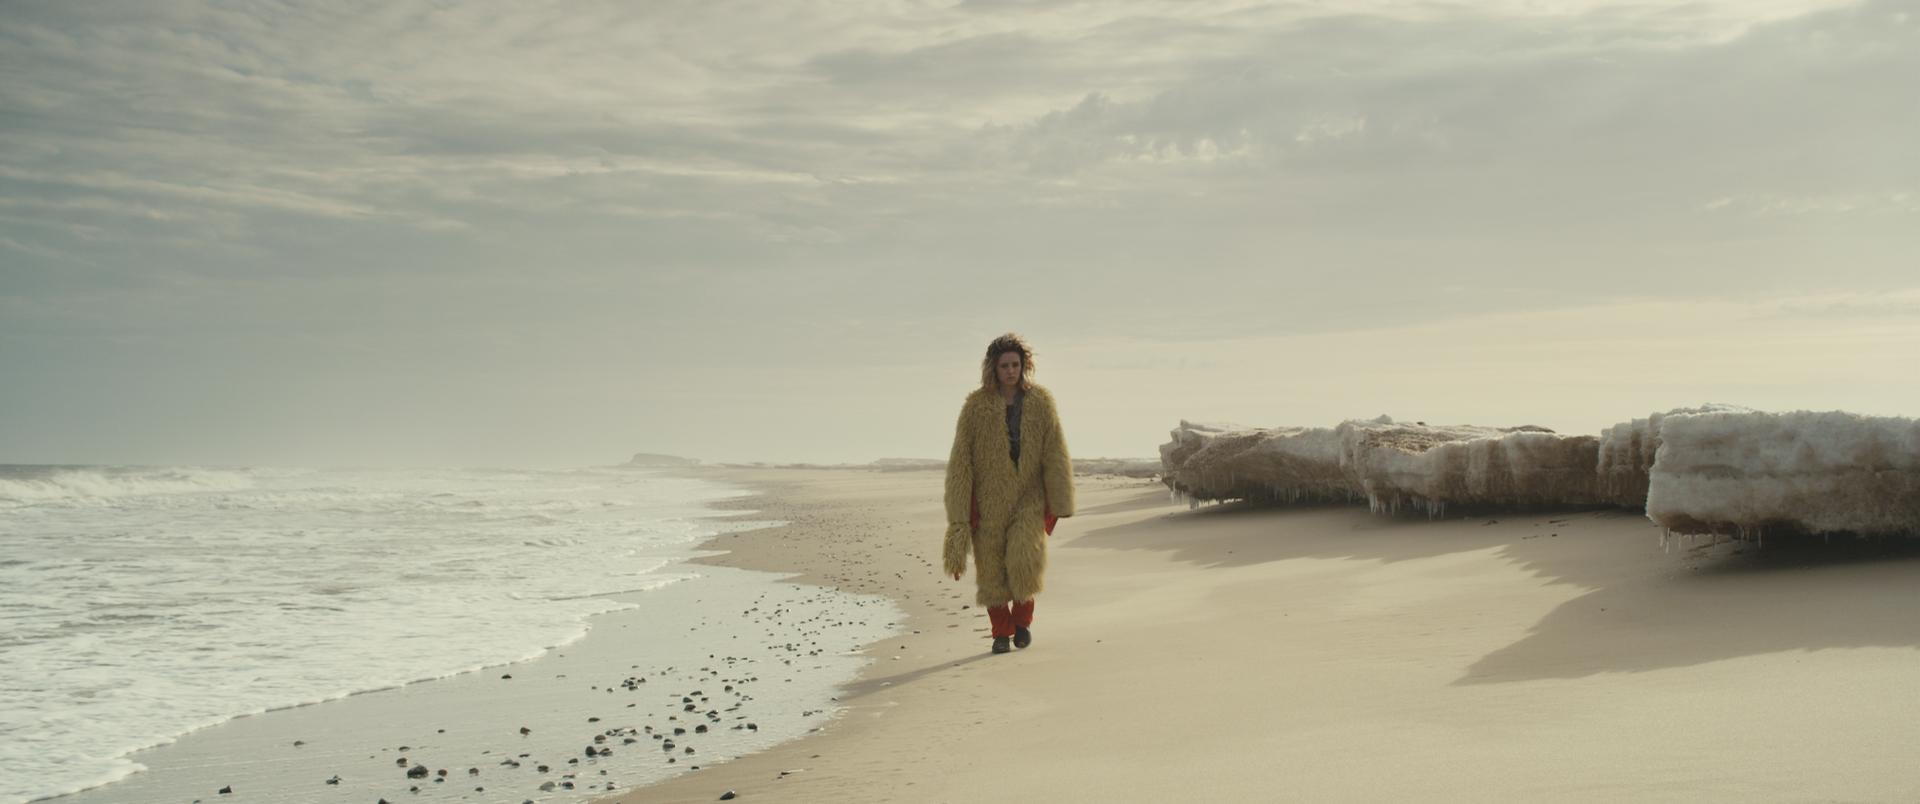 Éli marche sur une plage, dans un déguisement de poulet.